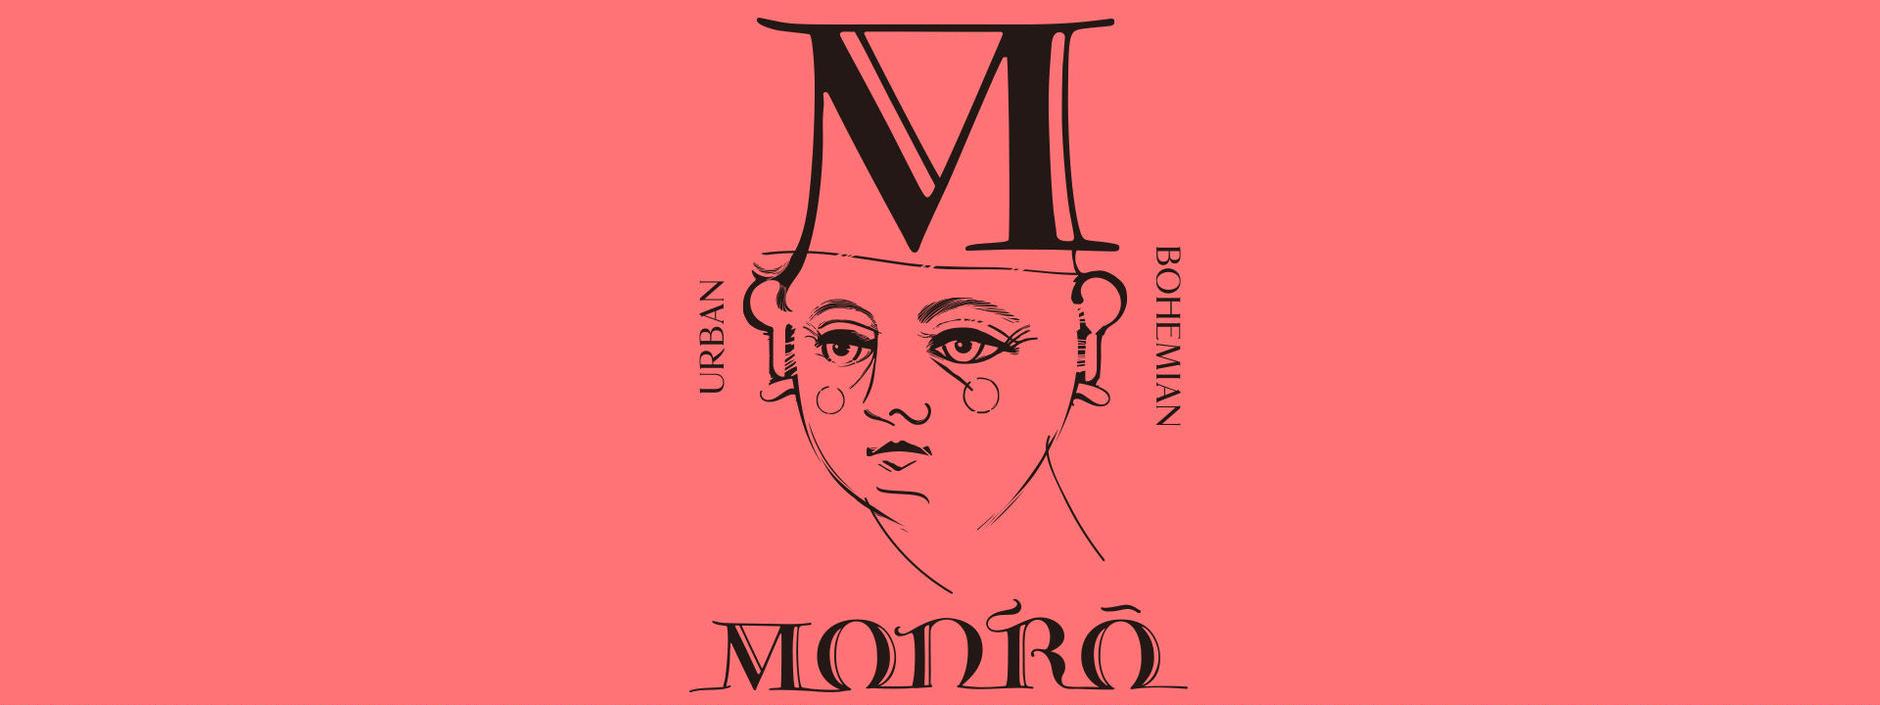 MONRO ONLINE STORE